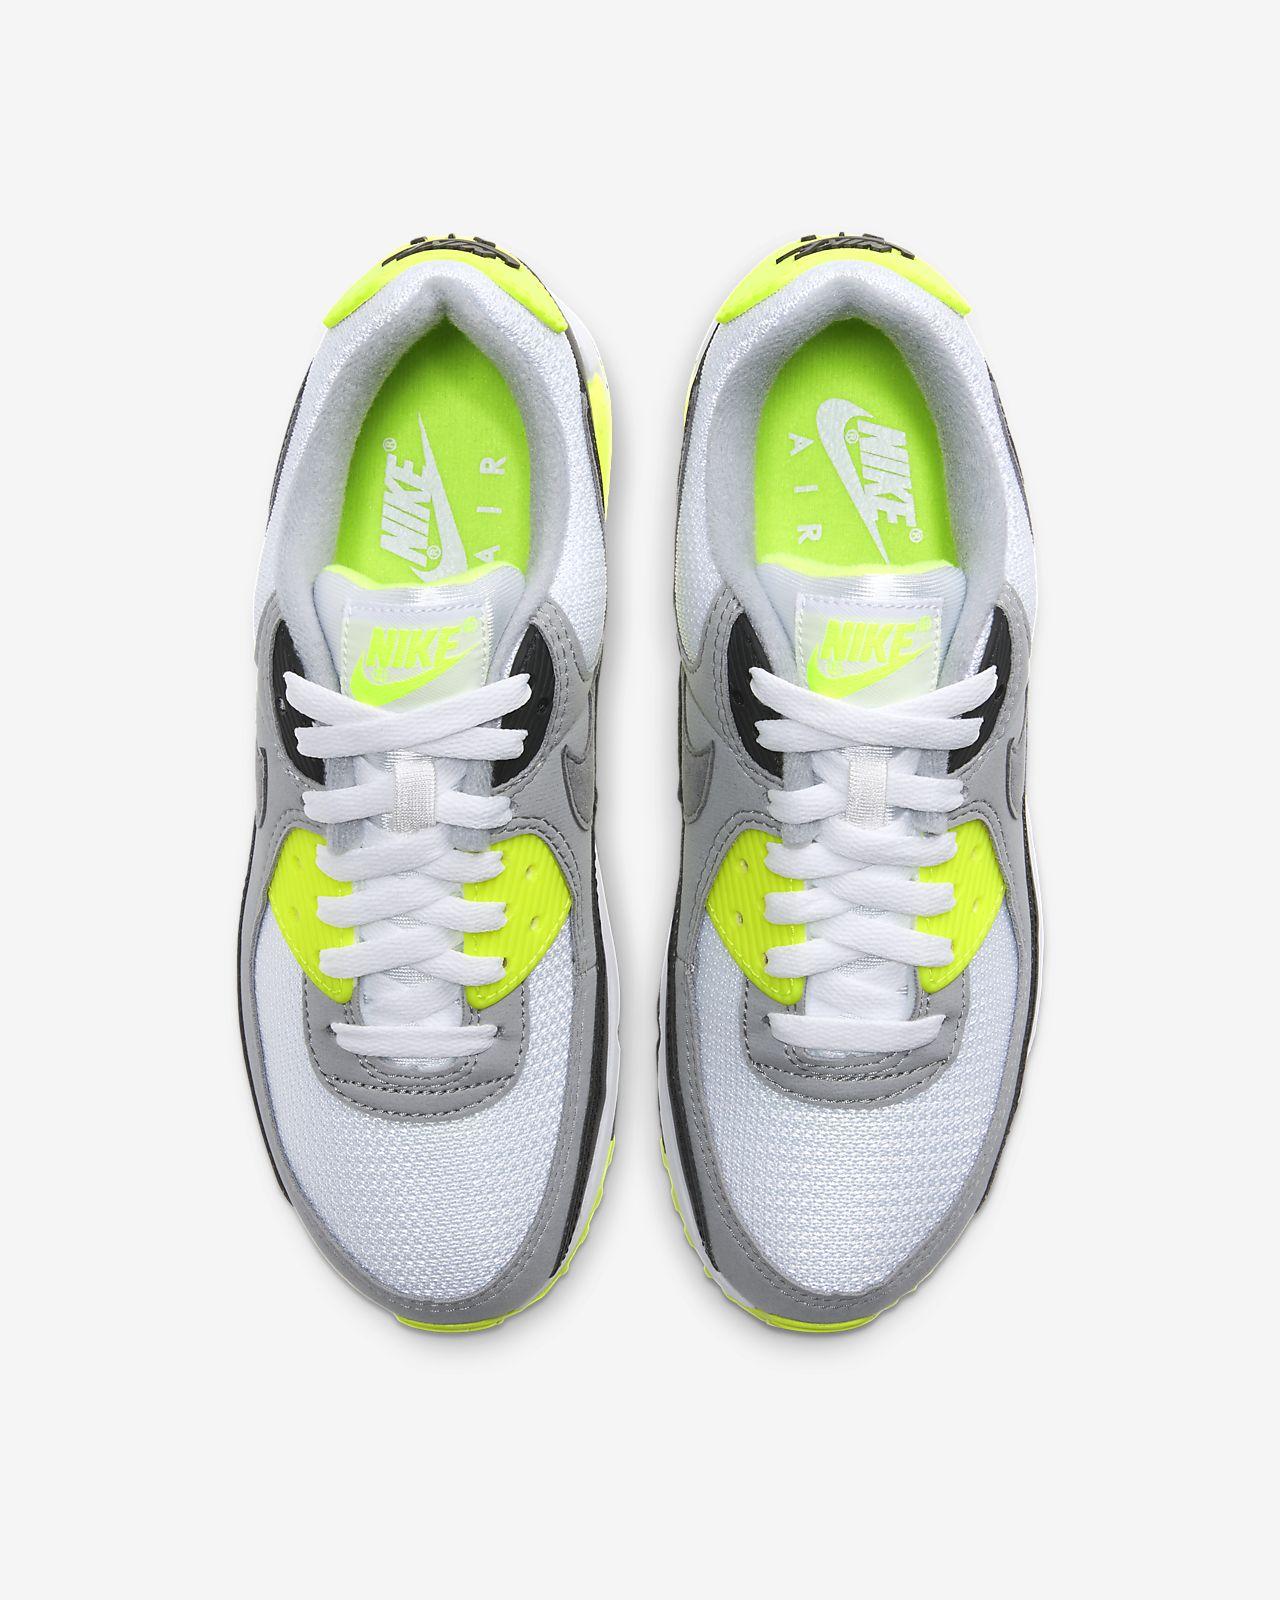 Nike Air Max 90 : Nike, Mode Trend Marke Schuhe, niedriger